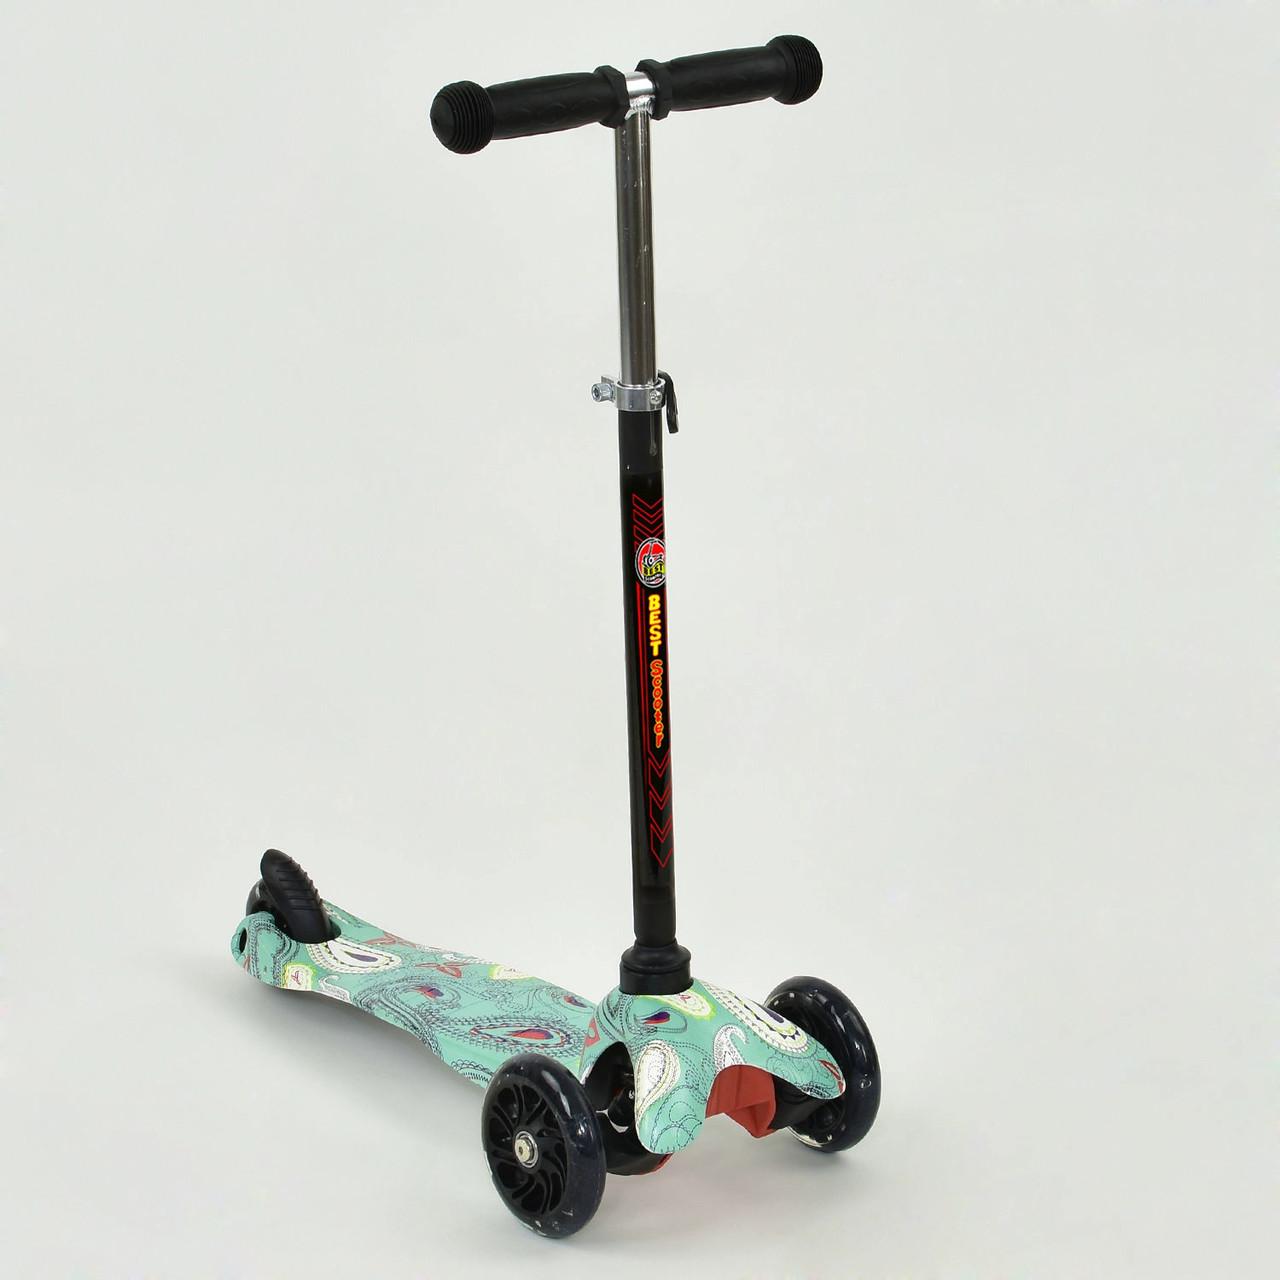 Самокат детский трехколесный  Самокат для девочки от 3 до 8 лет Легкий черный самокат с тормозом